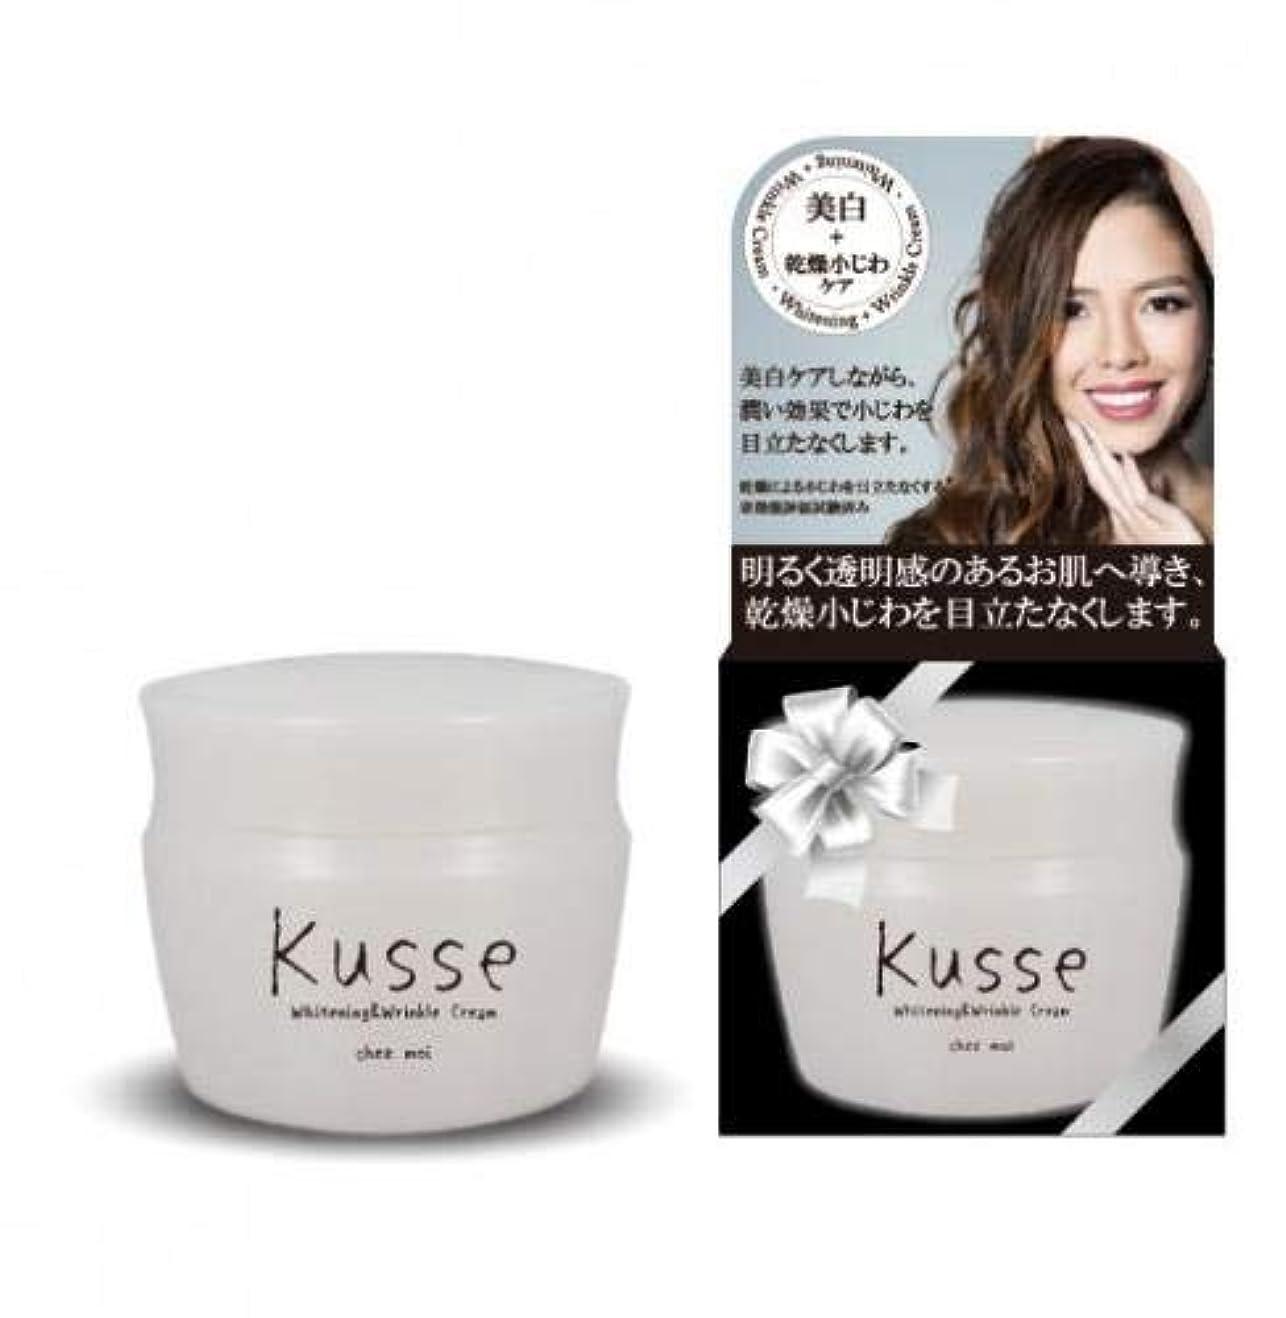 レギュラーサイレン決定するシェモア 薬用 Kusse(キュセ) Whitening&Wrinkle Cream クリーム 30g